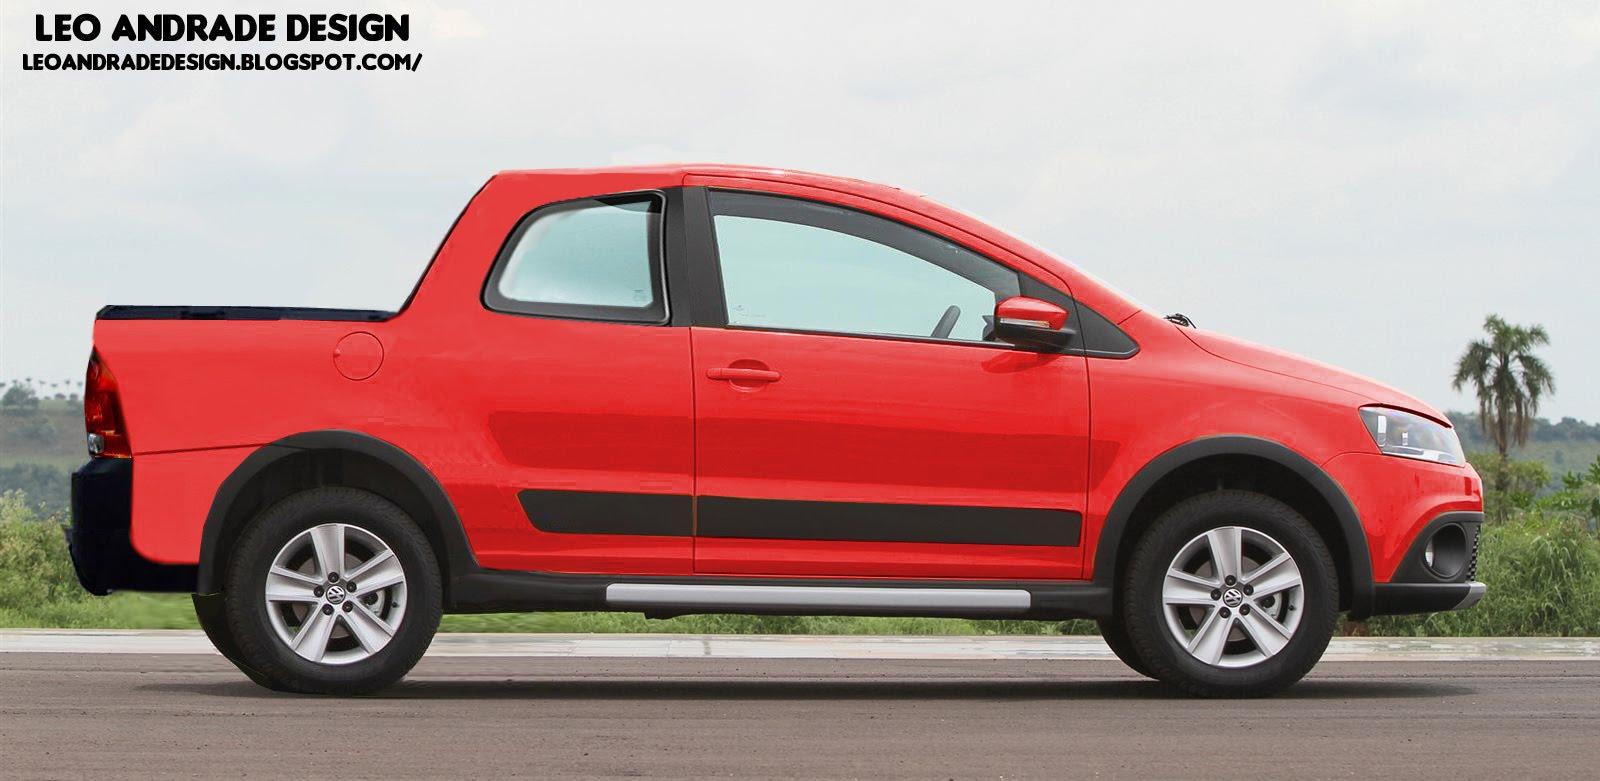 Novo Volkswagen up! Chegou o up! Tudo nele é up. | Novo